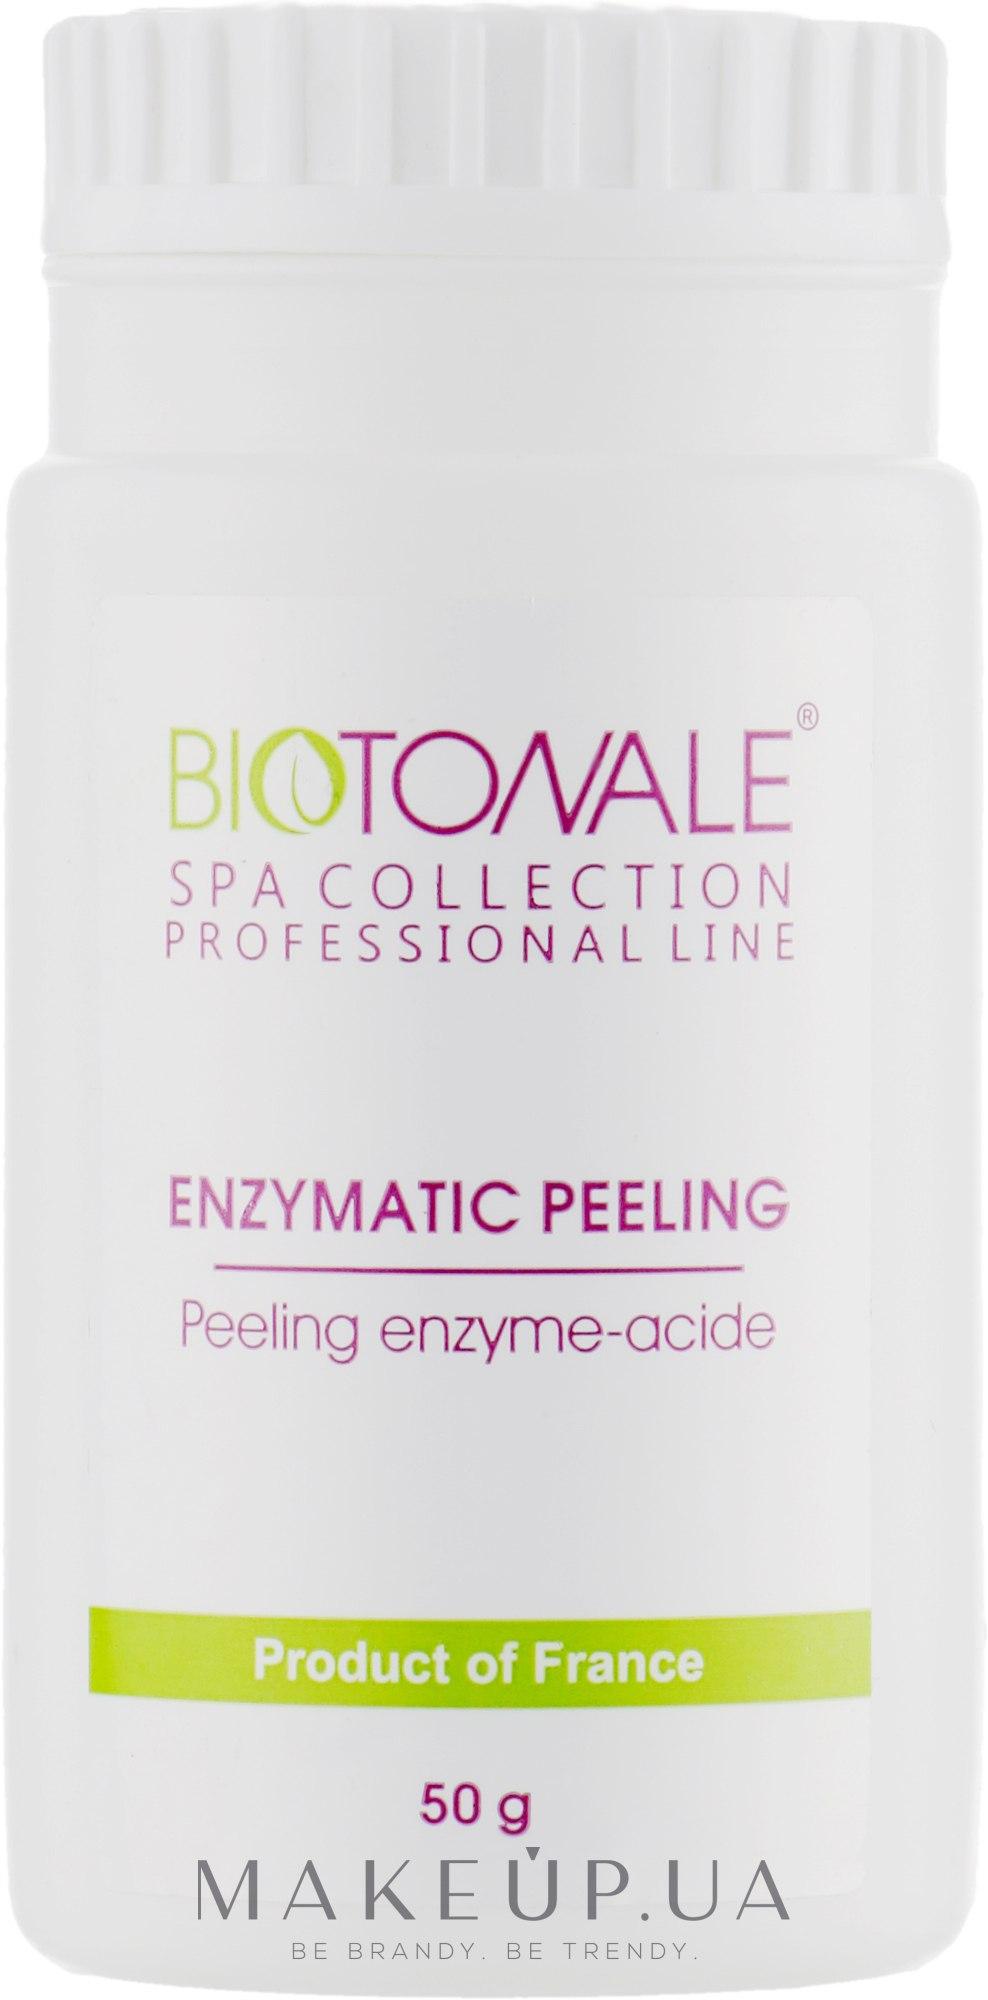 Энзимно-кислотный пилинг в банке - Biotonale Enzymatic Peeling — фото 50g